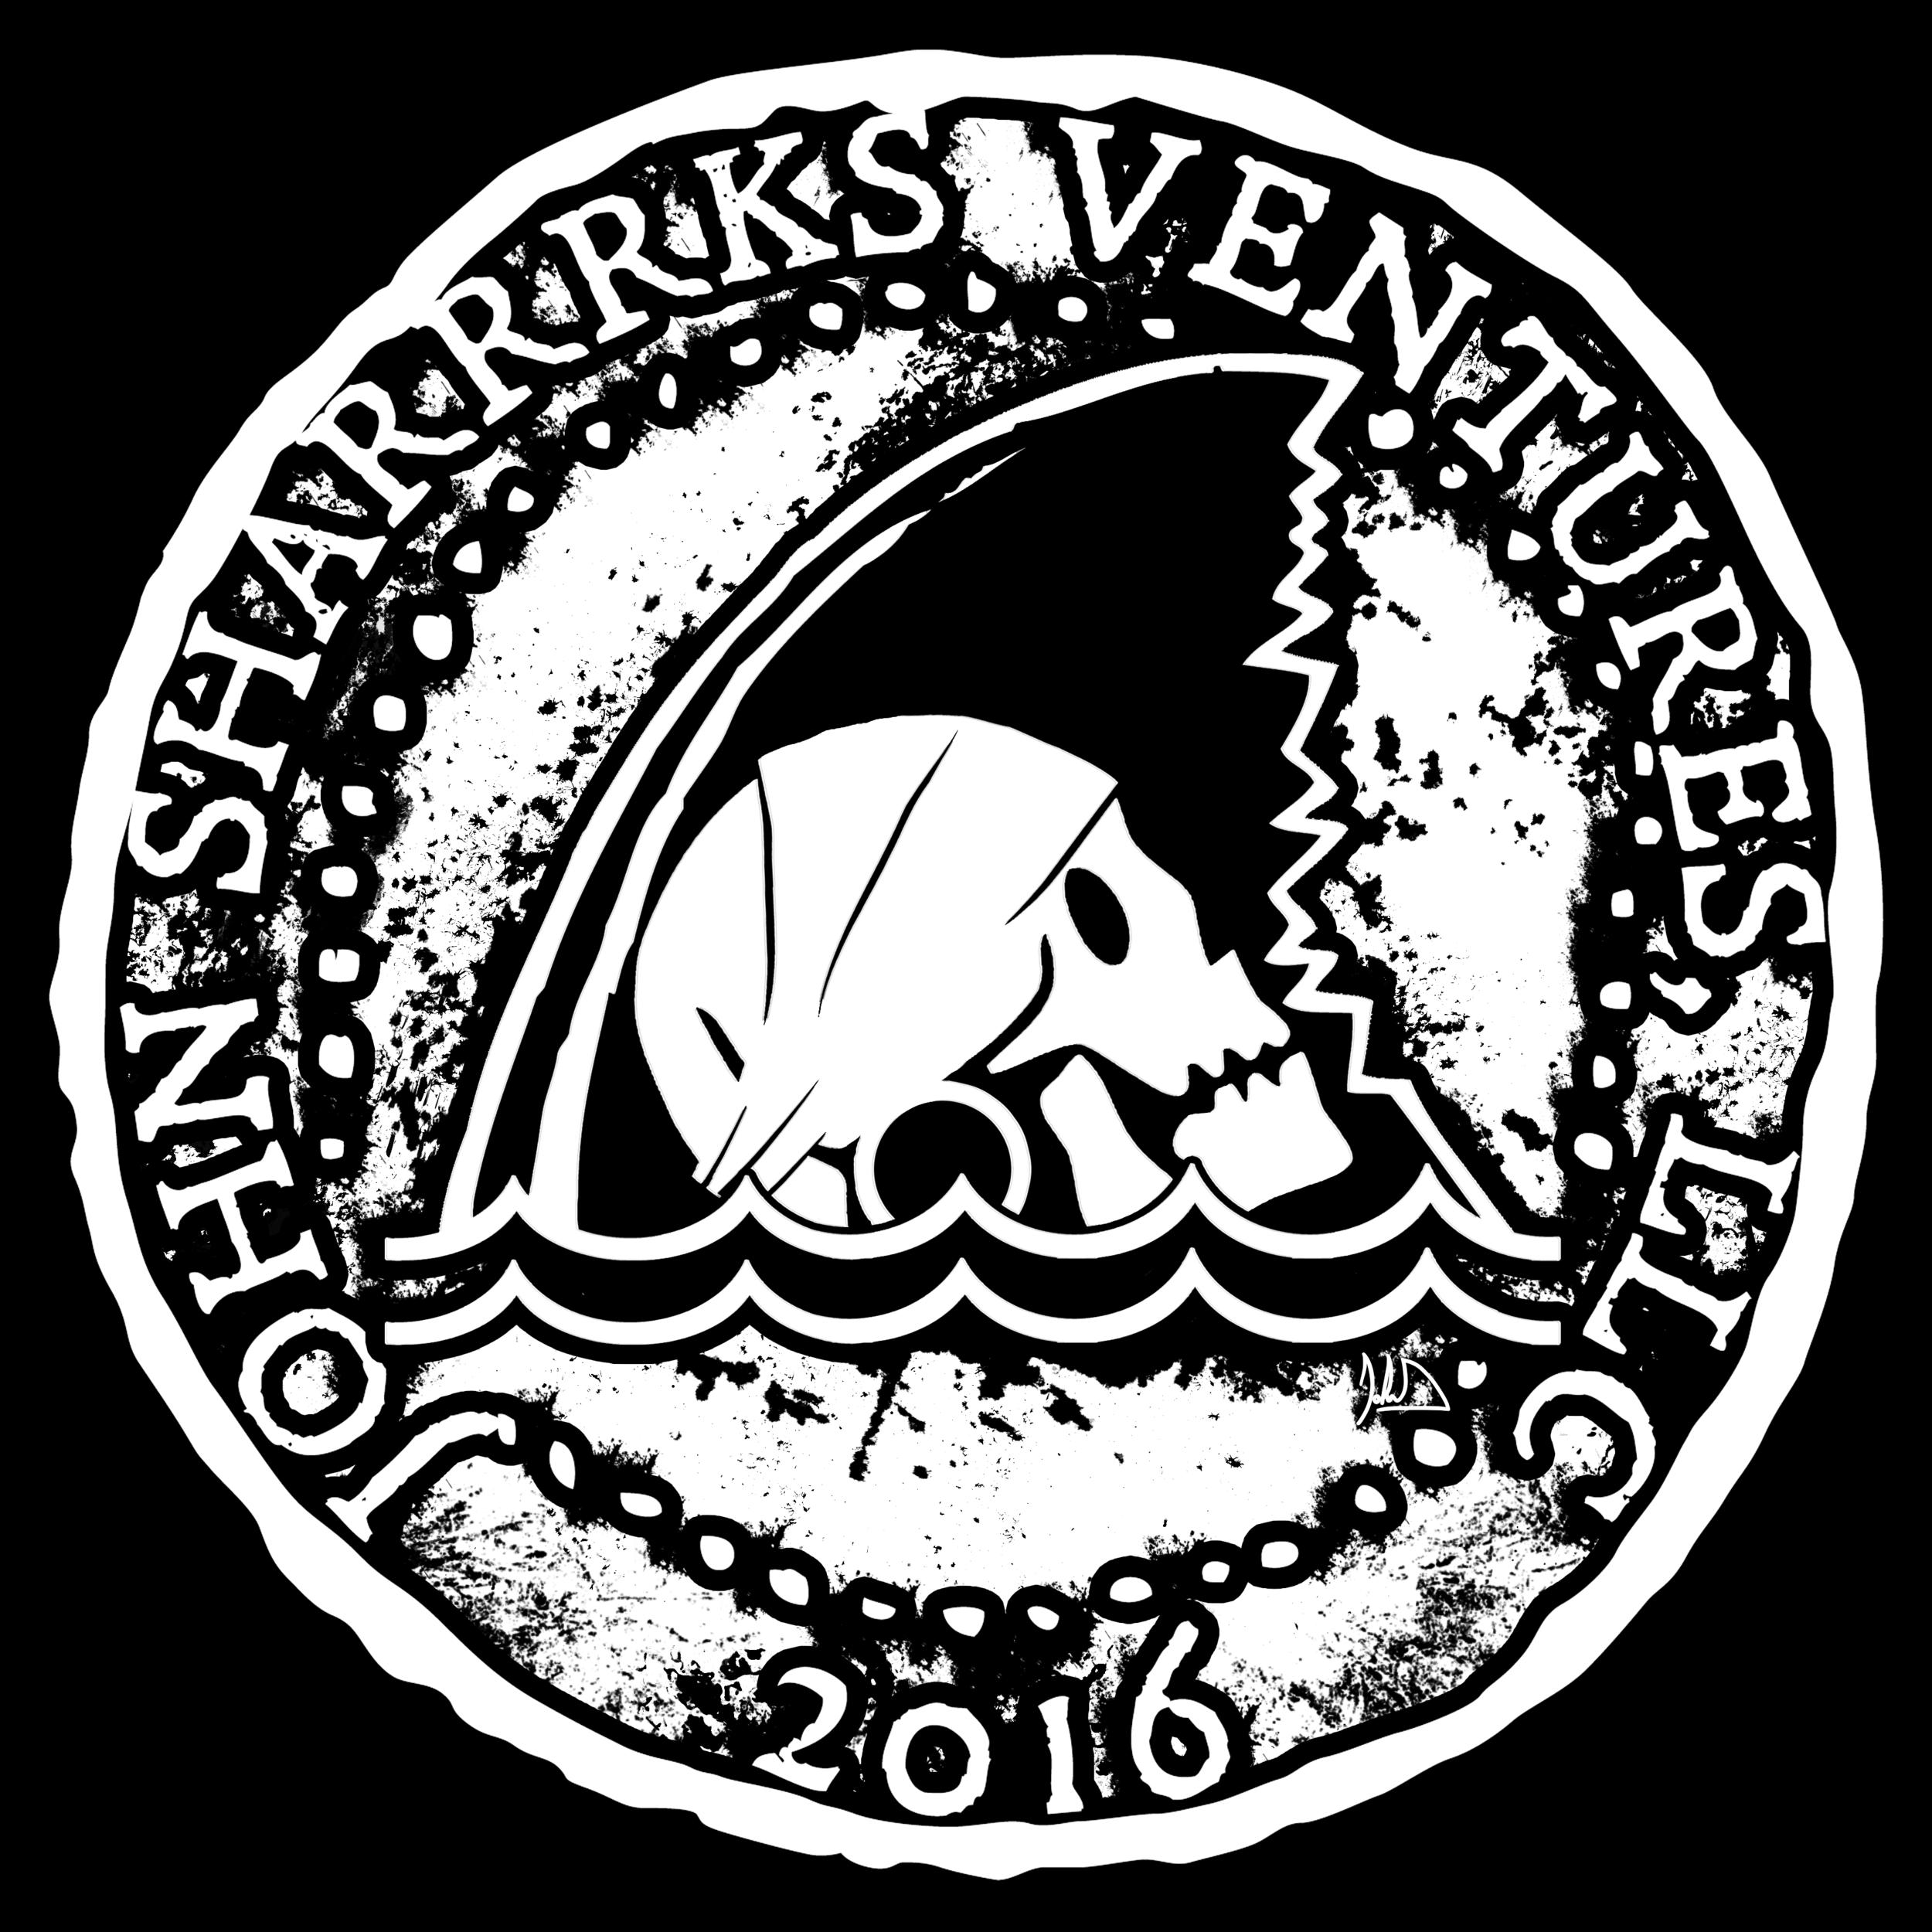 John Sharks Ventures Logo Coin 2 BW copy.png